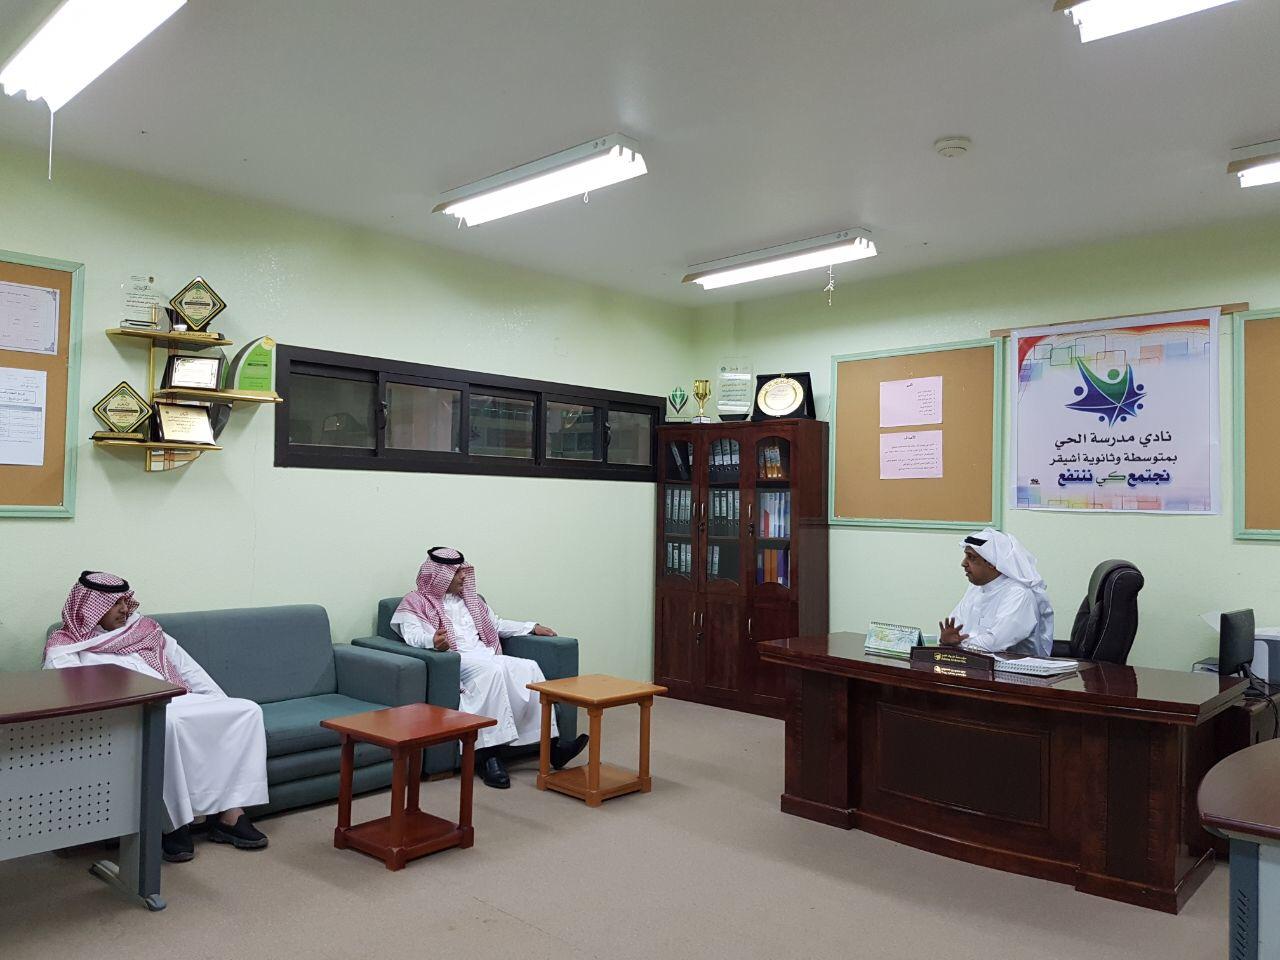 صورة رئيس مركز أشيقر يزور نادي الحي بأشيقر